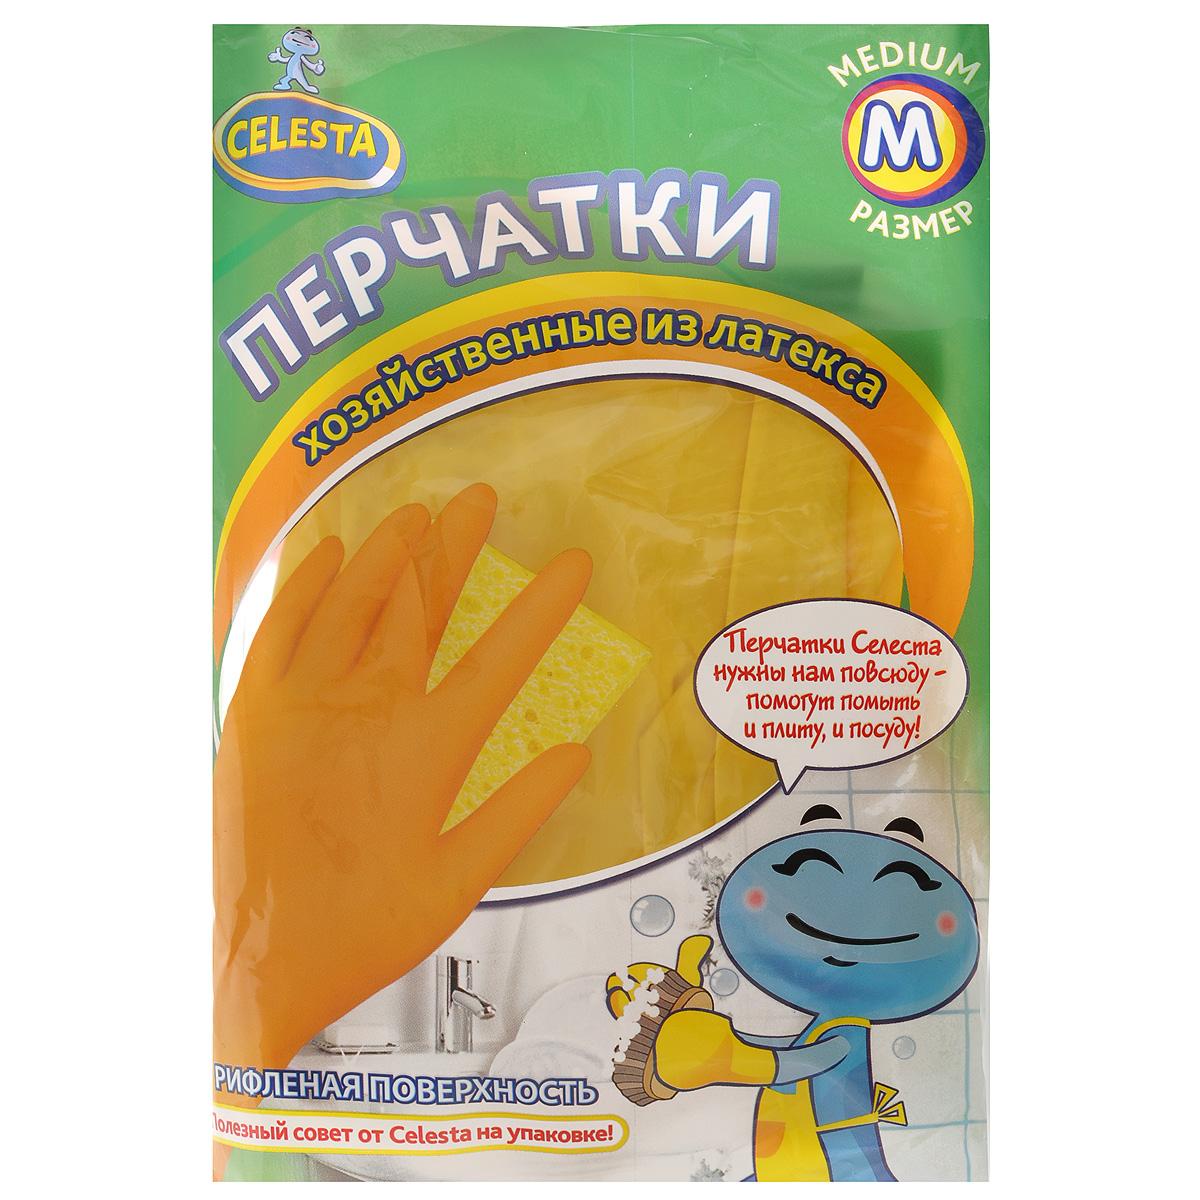 Перчатки хозяйственные Celesta, цвет: желтый. Размер М4192Универсальные перчатки Celesta произведены из высококачественного латекса, рифленая поверхность позволяет удерживать мокрые предметы. Перчатки подходят для различных видов домашних работ. Перчатки эластичны, хорошо облегают руку.